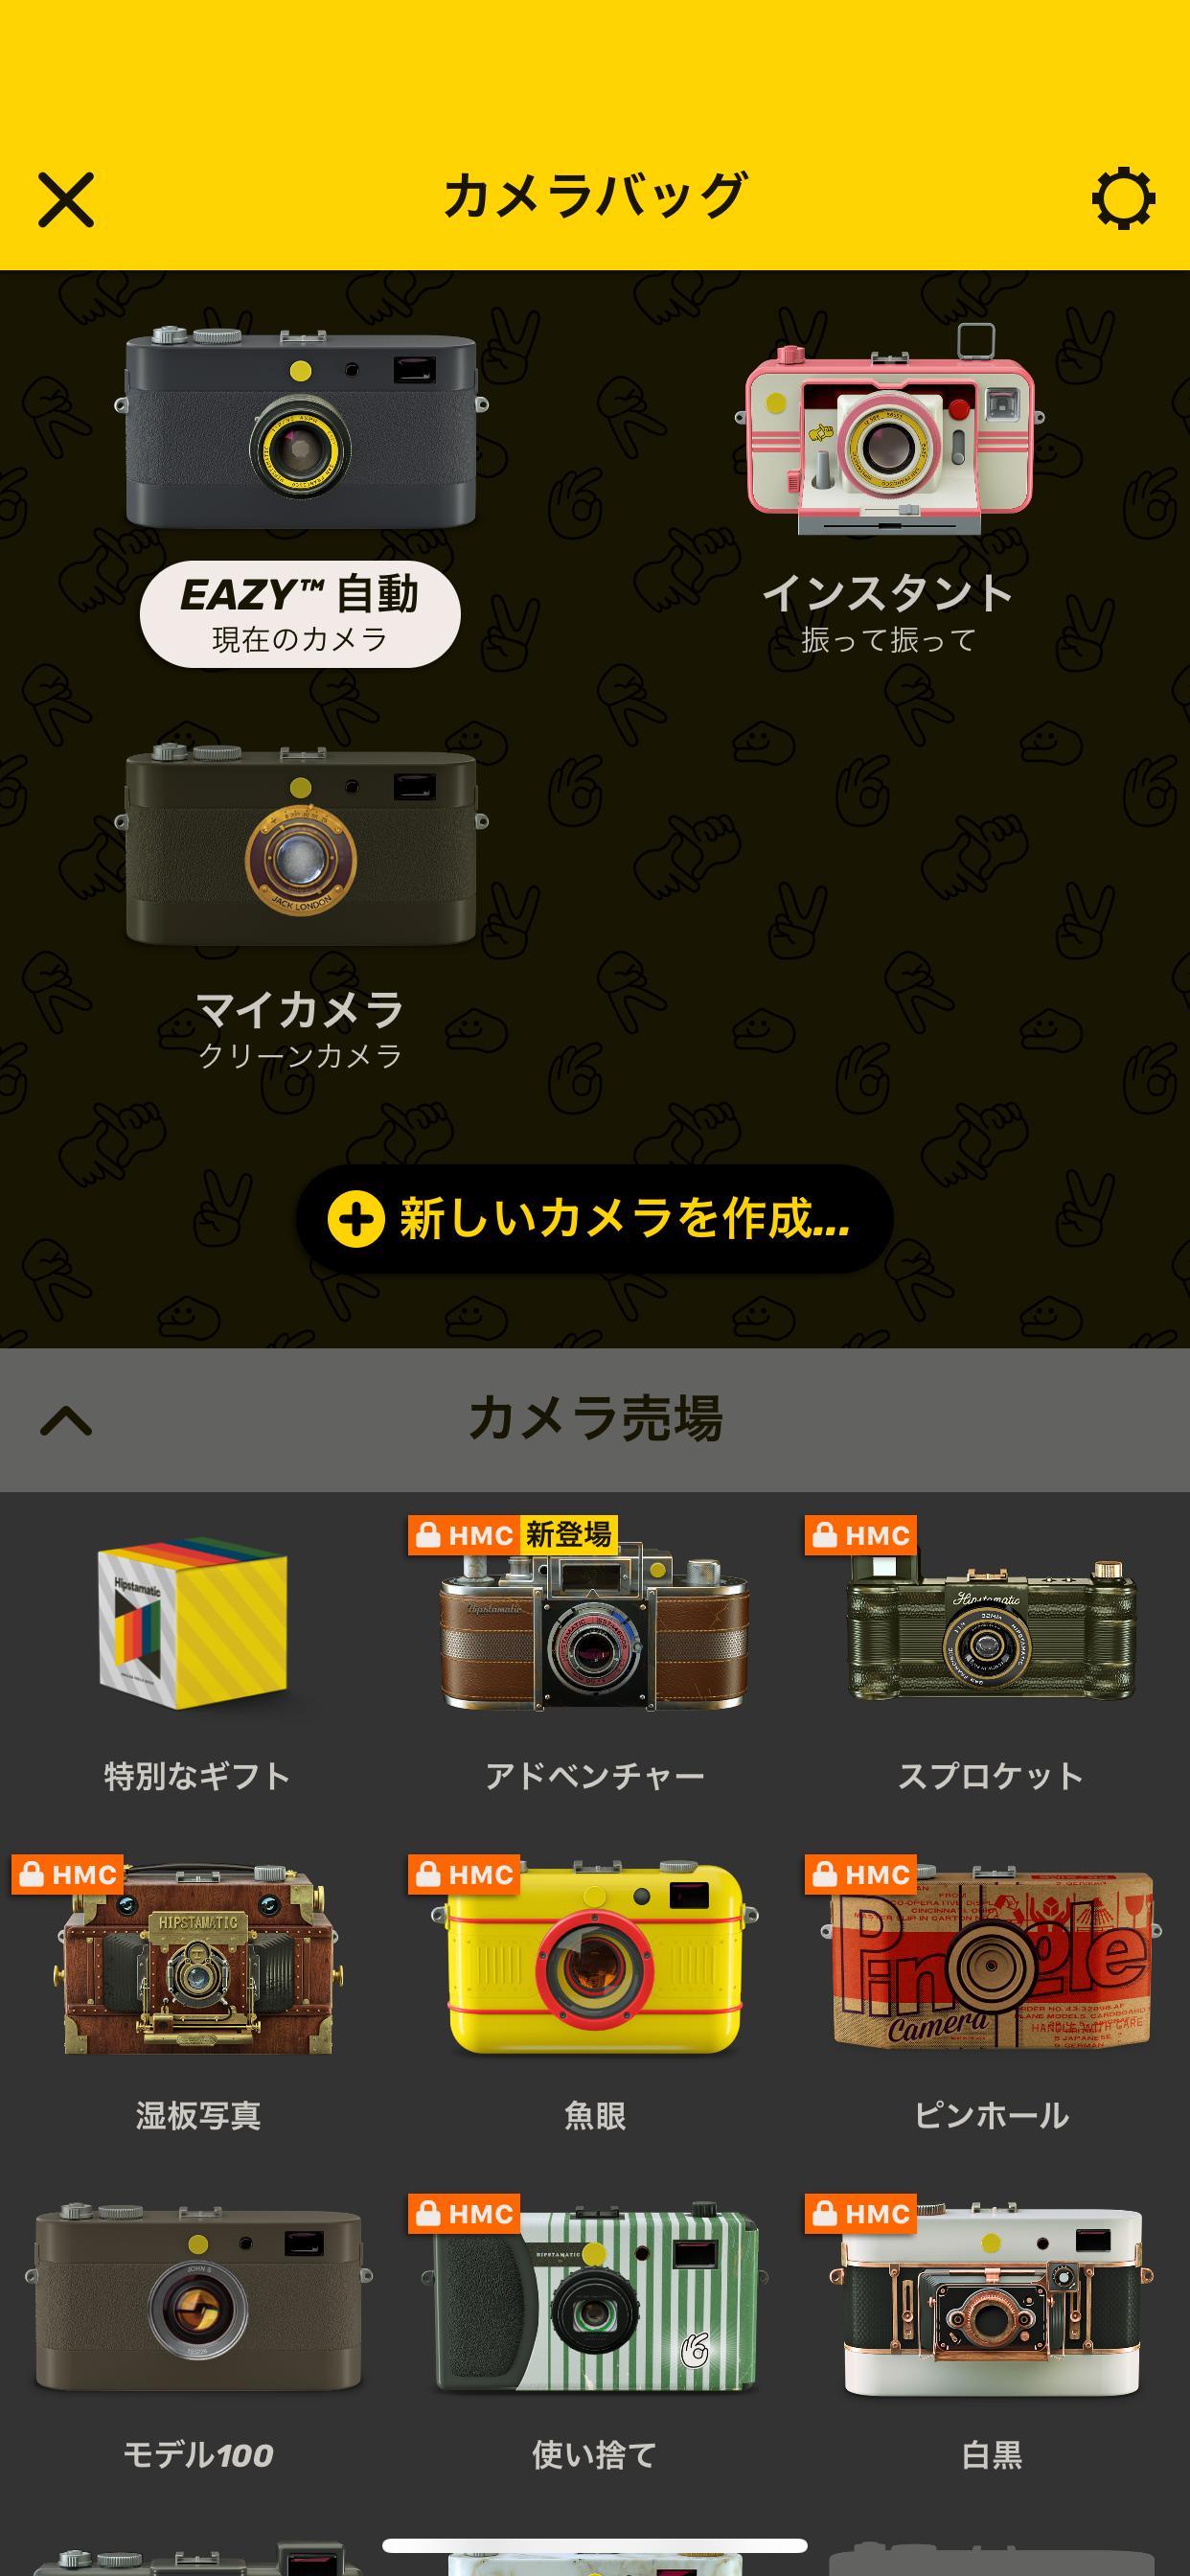 f:id:asakatomoki:20200520134312p:image